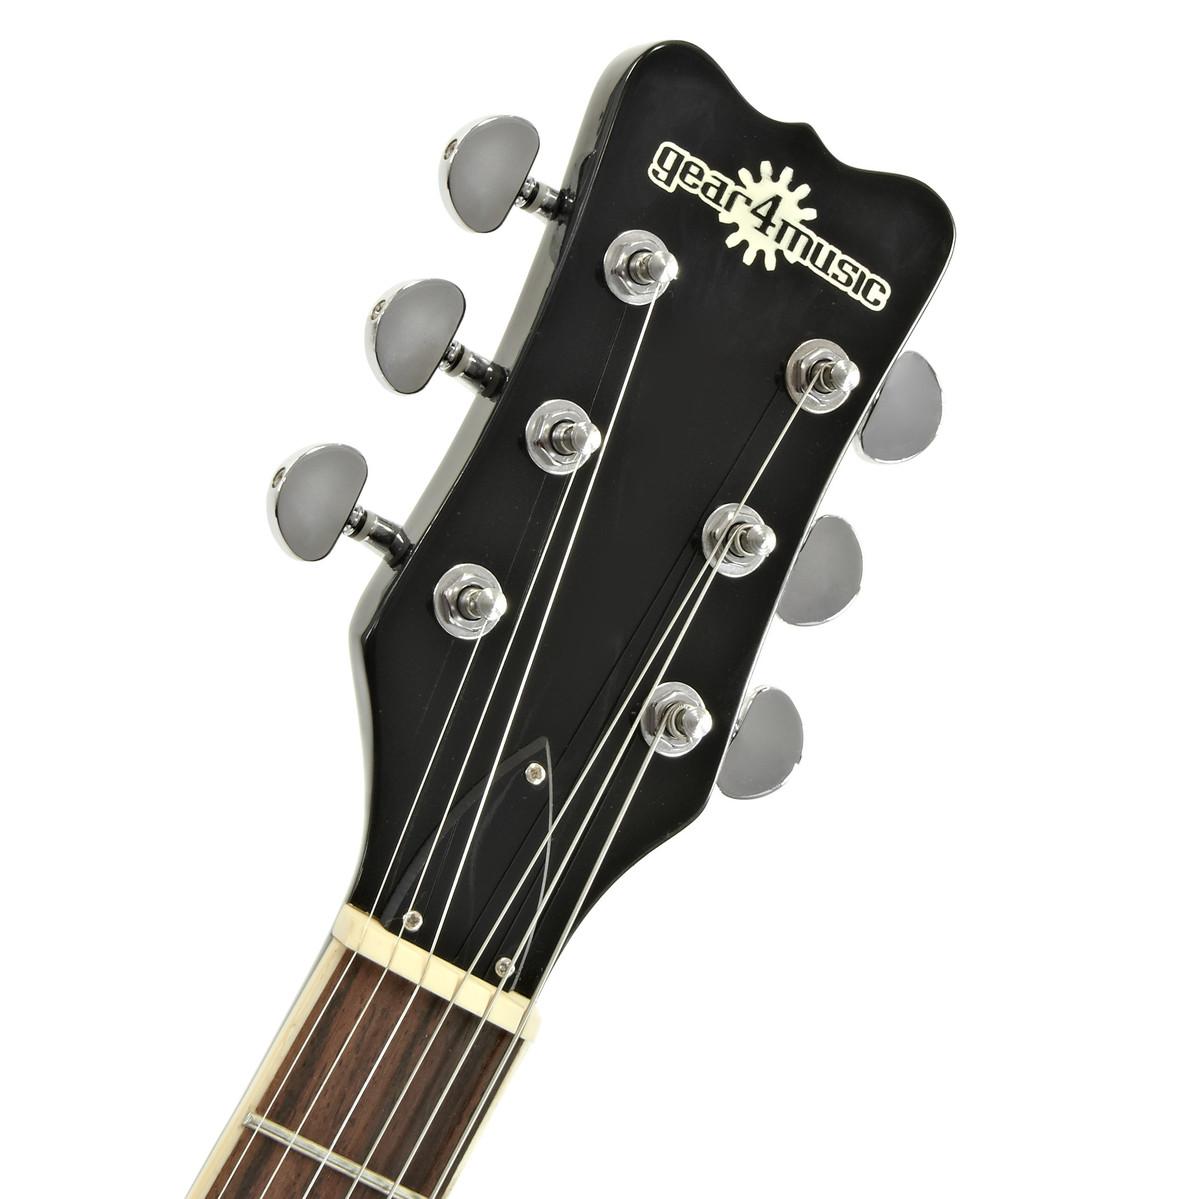 new jersey gaucher guitare lectrique par gear4music. Black Bedroom Furniture Sets. Home Design Ideas